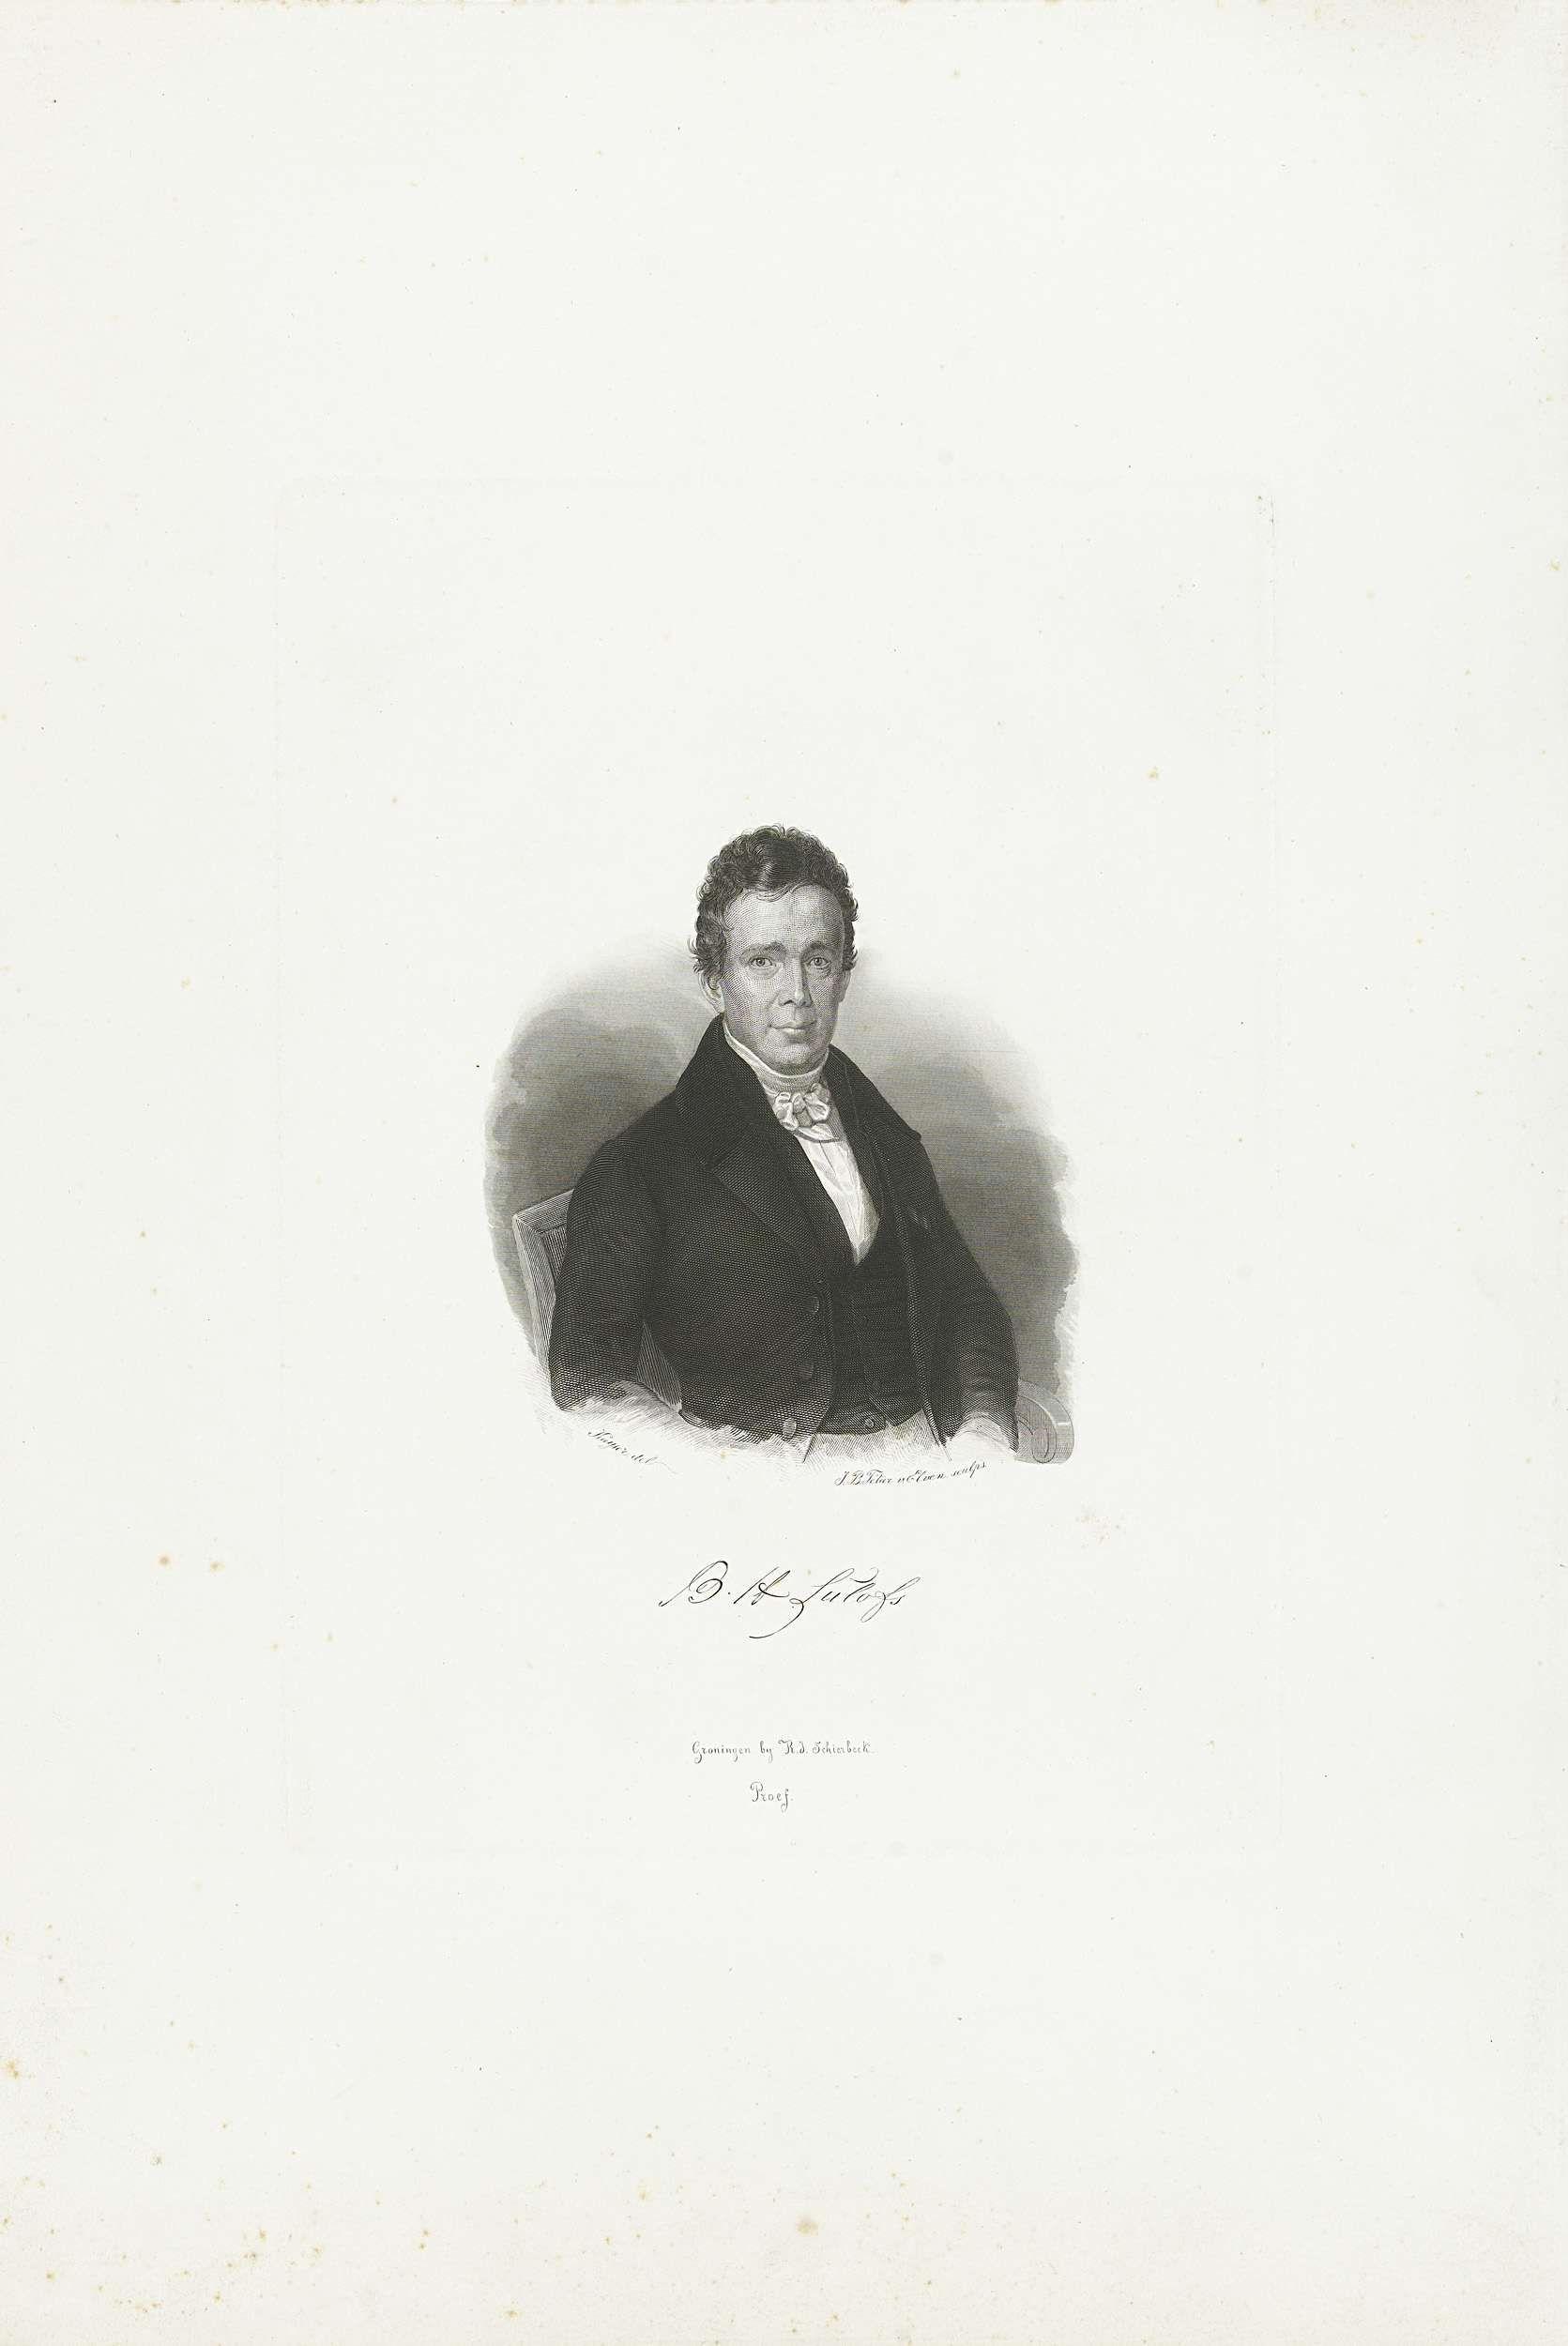 Jan Baptist Tetar van Elven   Portret van B.H. Lulofs, Jan Baptist Tetar van Elven, Roelof Jacob Schierbeek, 1815 - 1889   Portret van de schrijver, dichter en hoogleraar te Groningen B. H. Lulofs (1787-1849), afgebeeld ten halven lijve zittend in een stoel.